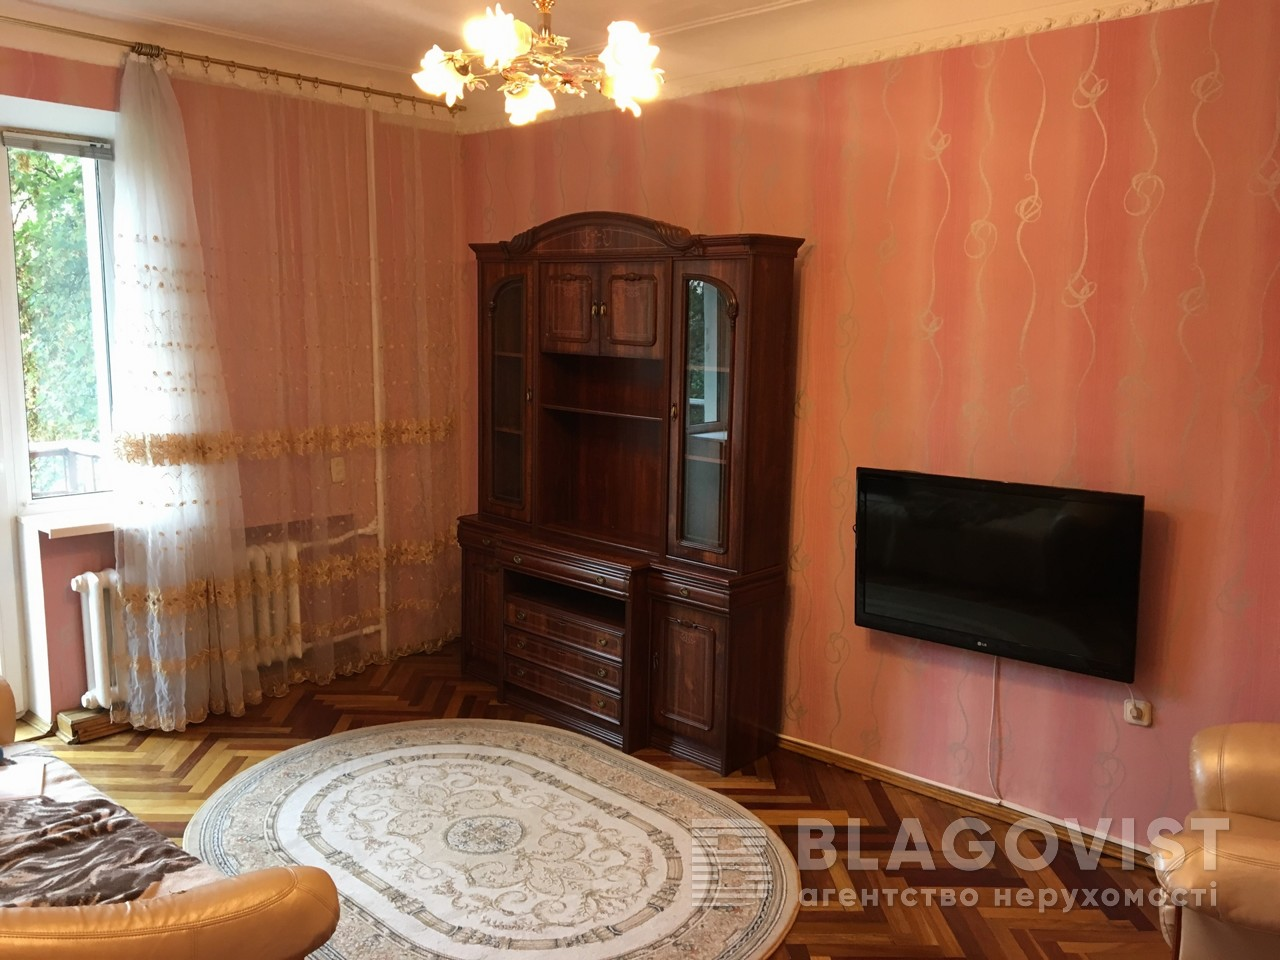 Квартира C-76823, Тютюнника Василия (Барбюса Анри), 5, Киев - Фото 7